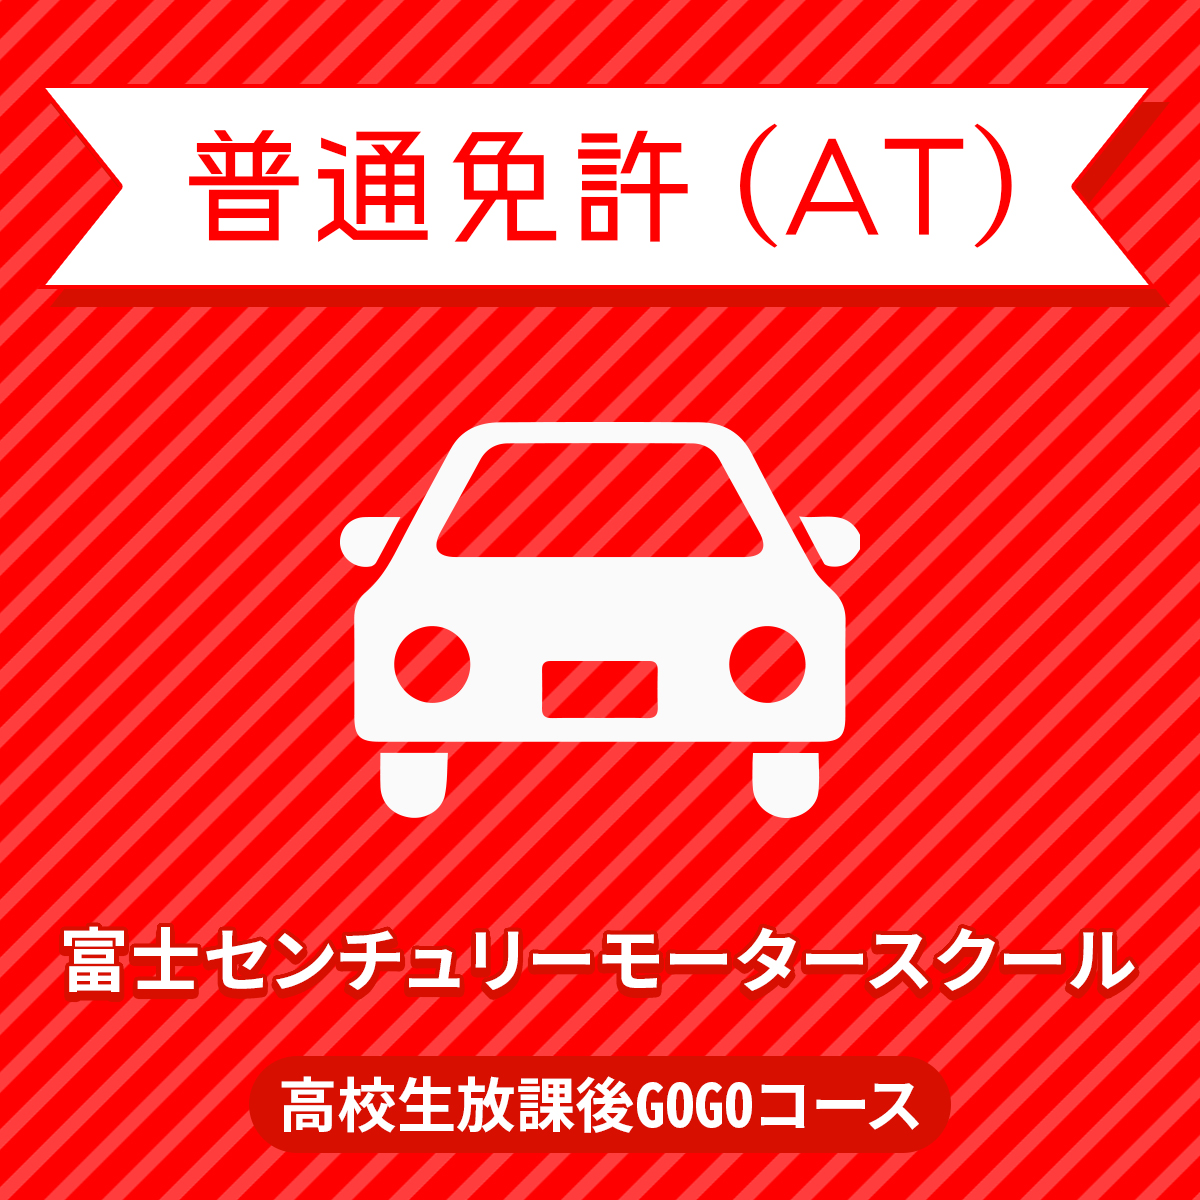 【静岡県裾野市】普通車AT高校生放課後GOGOコース<免許なし/原付免許所持対象>